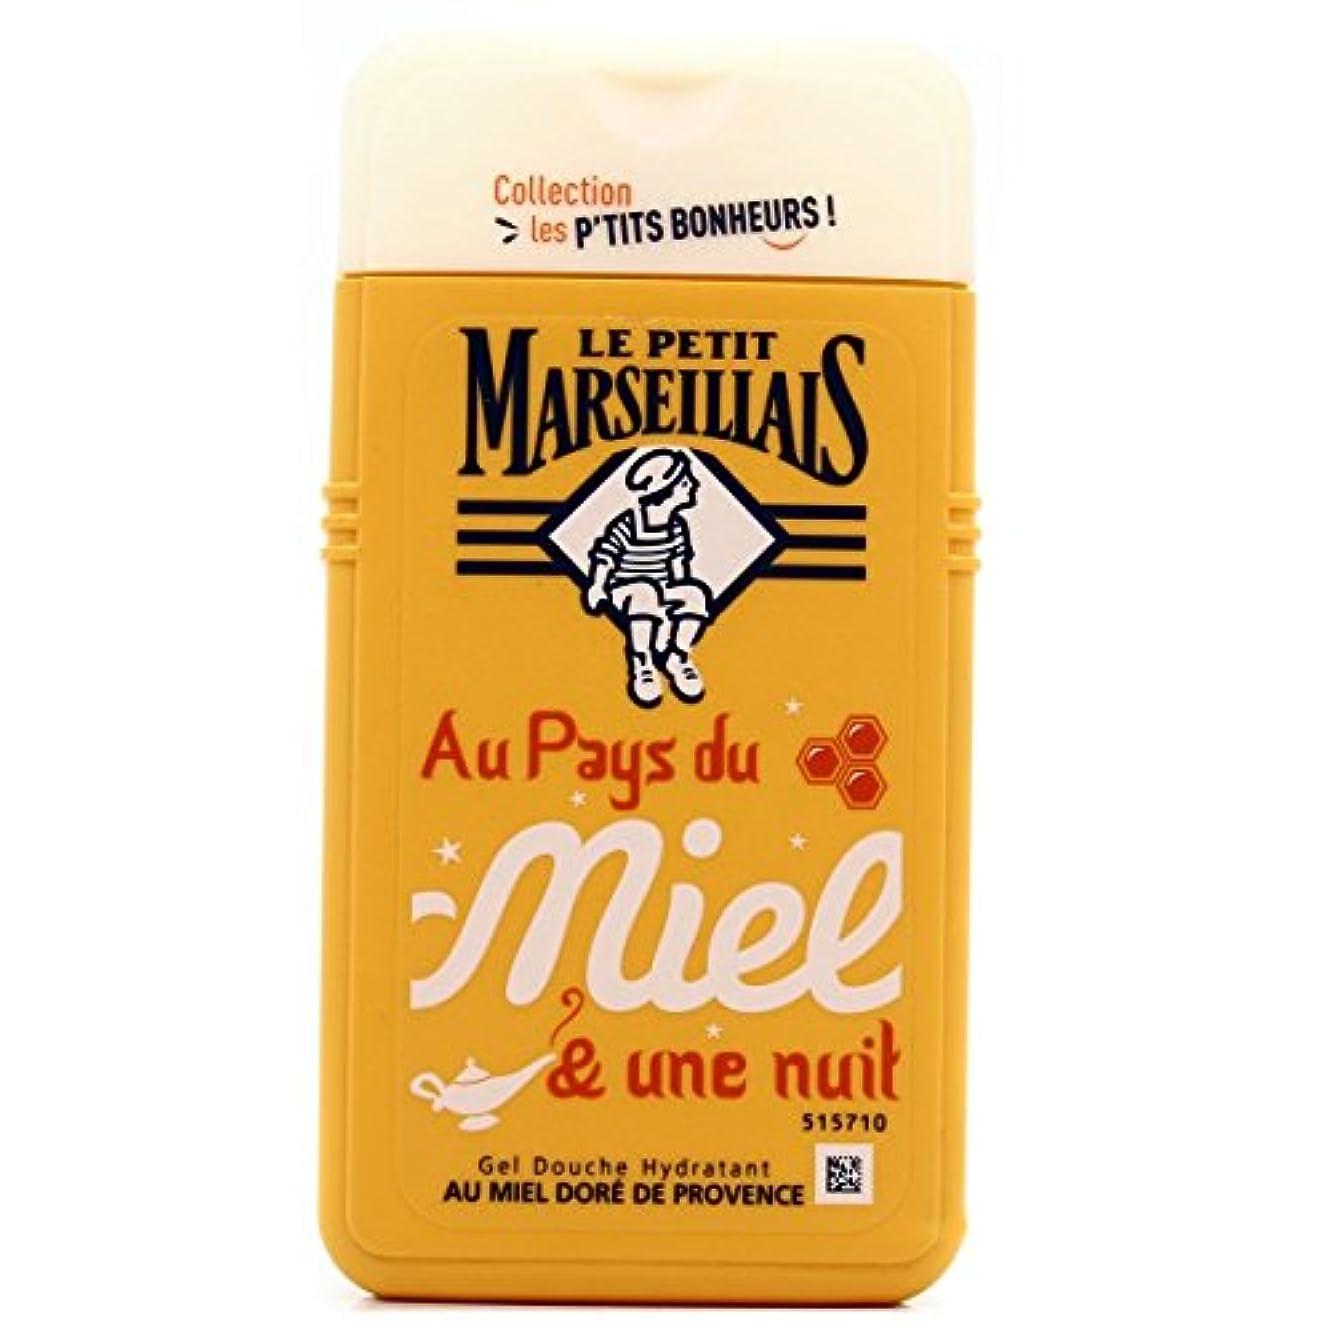 緊急不明瞭モデレータ「はちみつ」シャワージェル ???? フランスの「ル?プティ?マルセイユ (Le Petit Marseillais)」 les P'TITS BONHEURS 250ml ボディウォッシュ